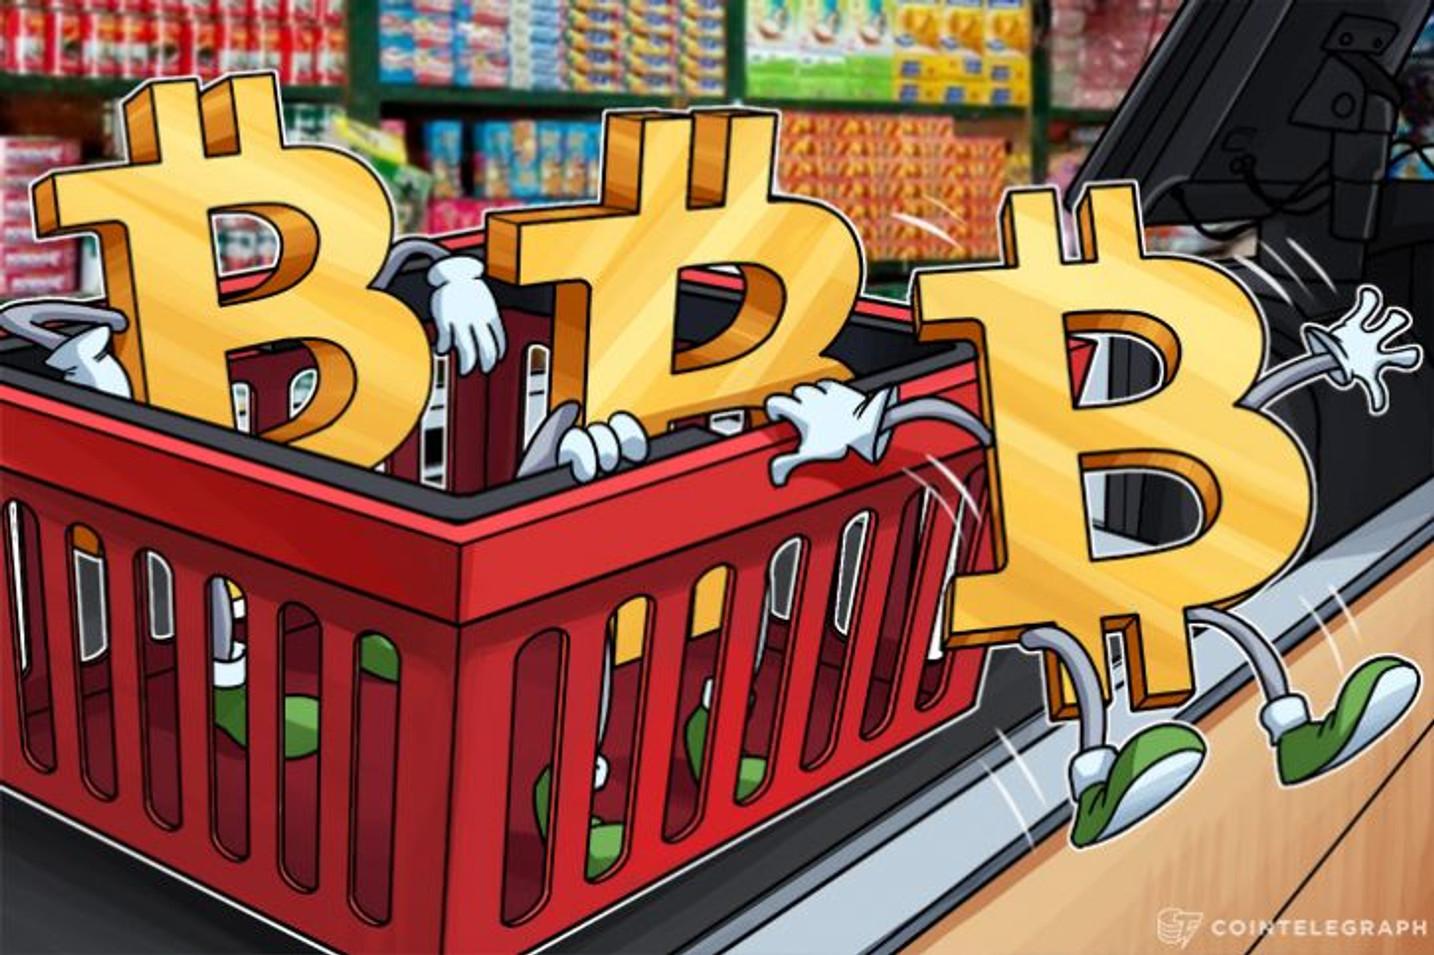 Da li sada treba kupovati ili prodavati bitkoine?